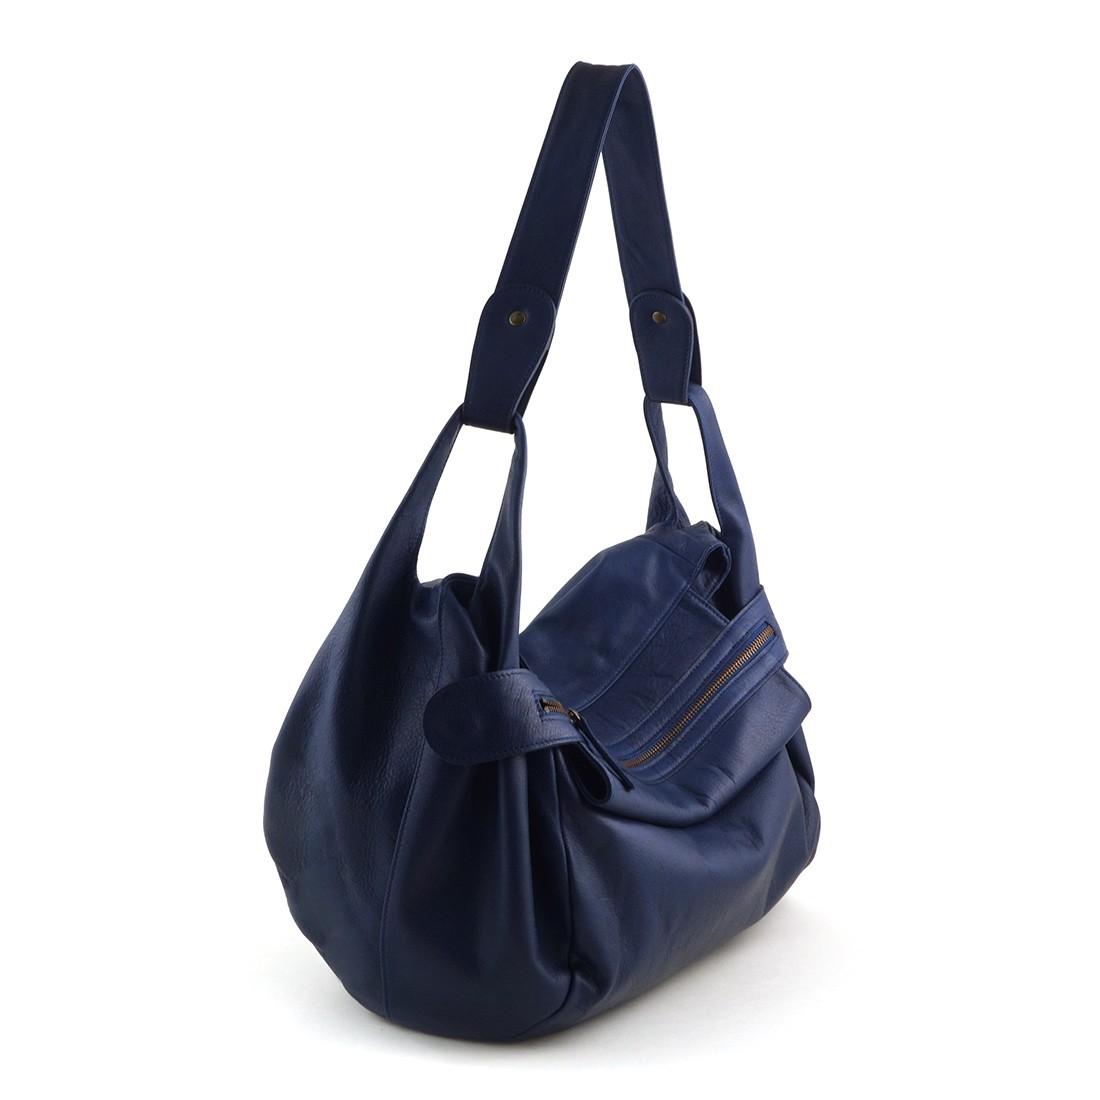 accueil  collections  sacs à main  Sac à main en cuir bleu